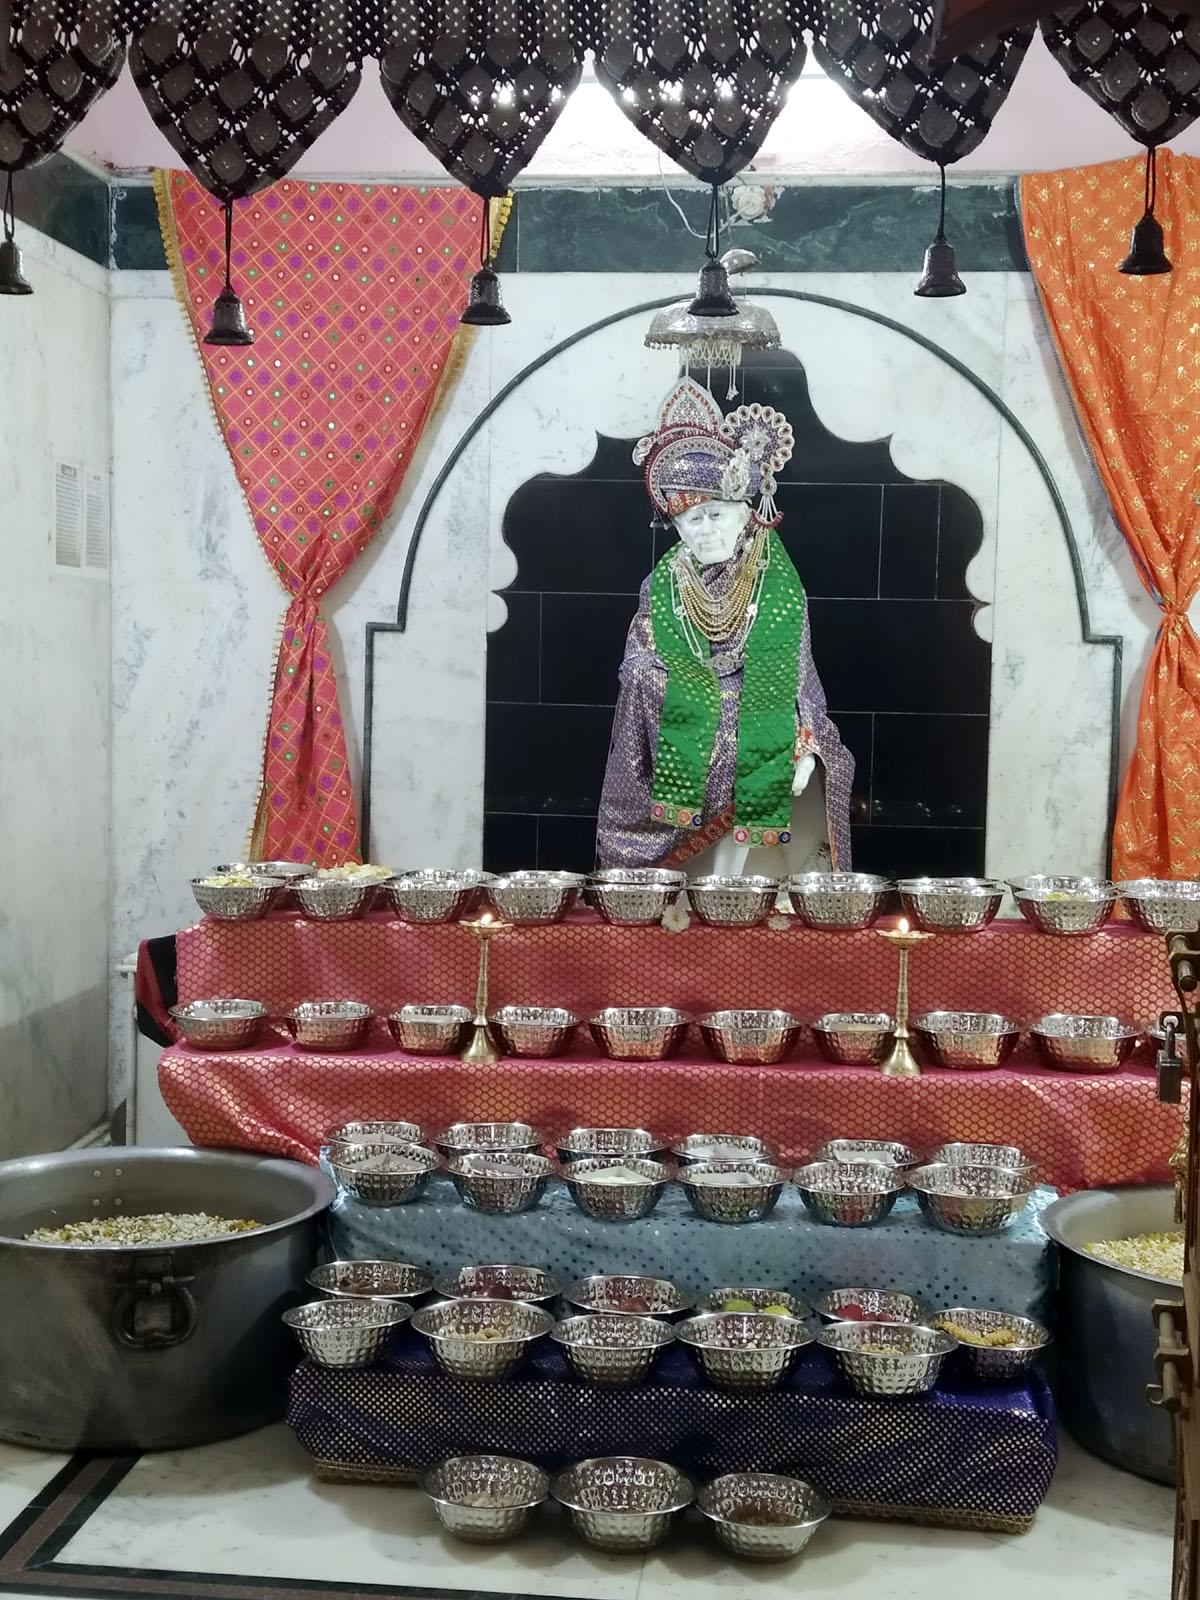 Jhabua News- Sai Mandir Jhabua- श्री शिरडी साई मंदिर का 20 वां स्थापना दिवस धुमधाम से मनाया